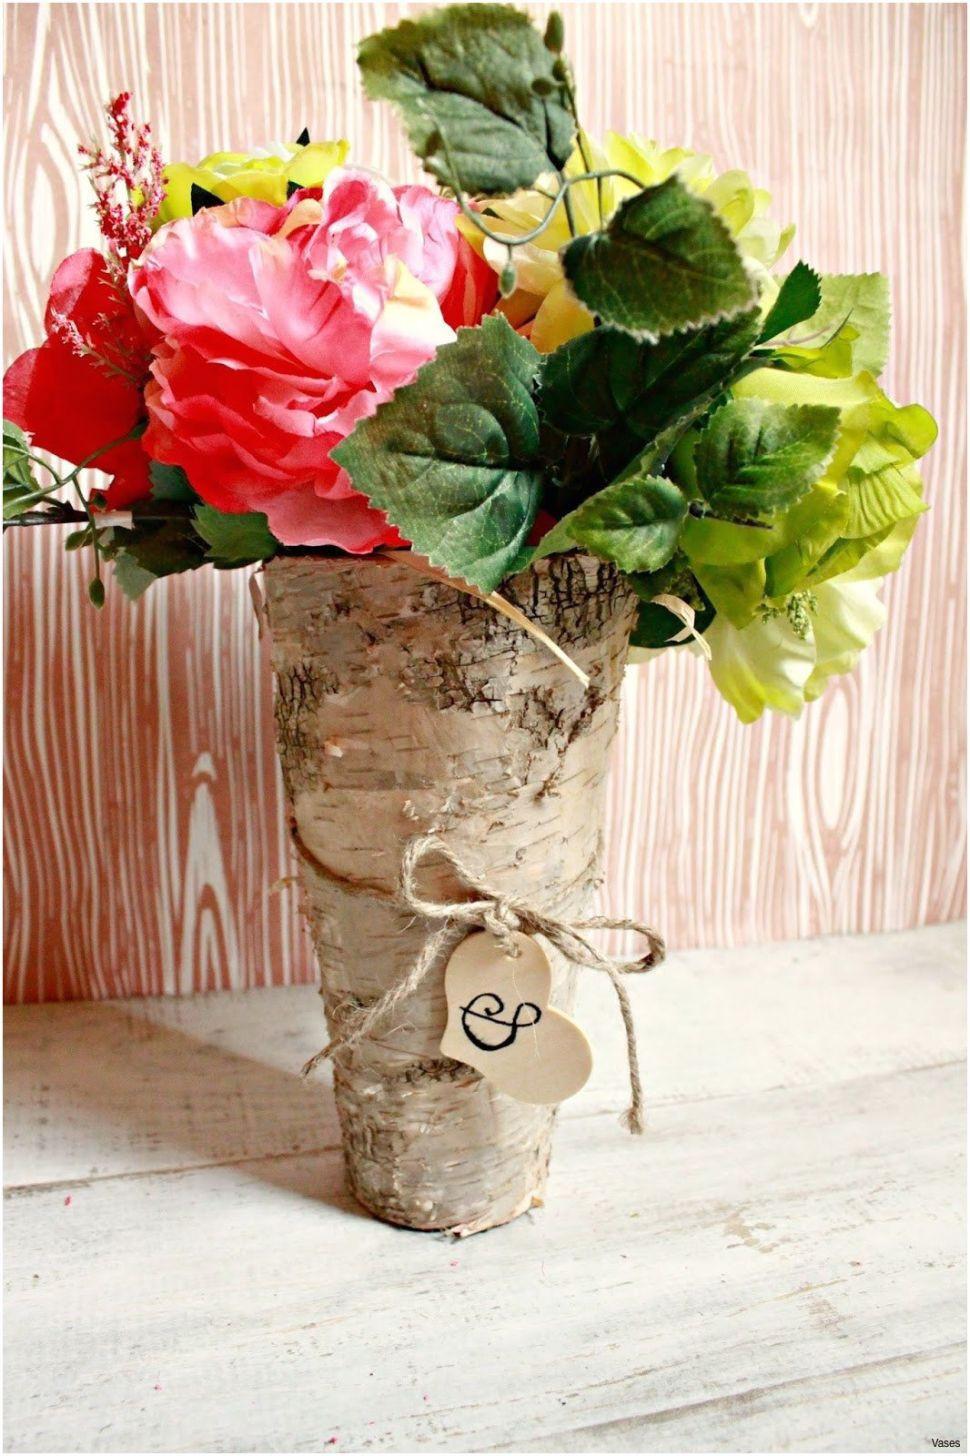 oversized silver vase of silver flower vases images silk bouquets h vases diy wood vase i 0d intended for silver flower vases images silk bouquets h vases diy wood vase i 0d base turntable baseboard